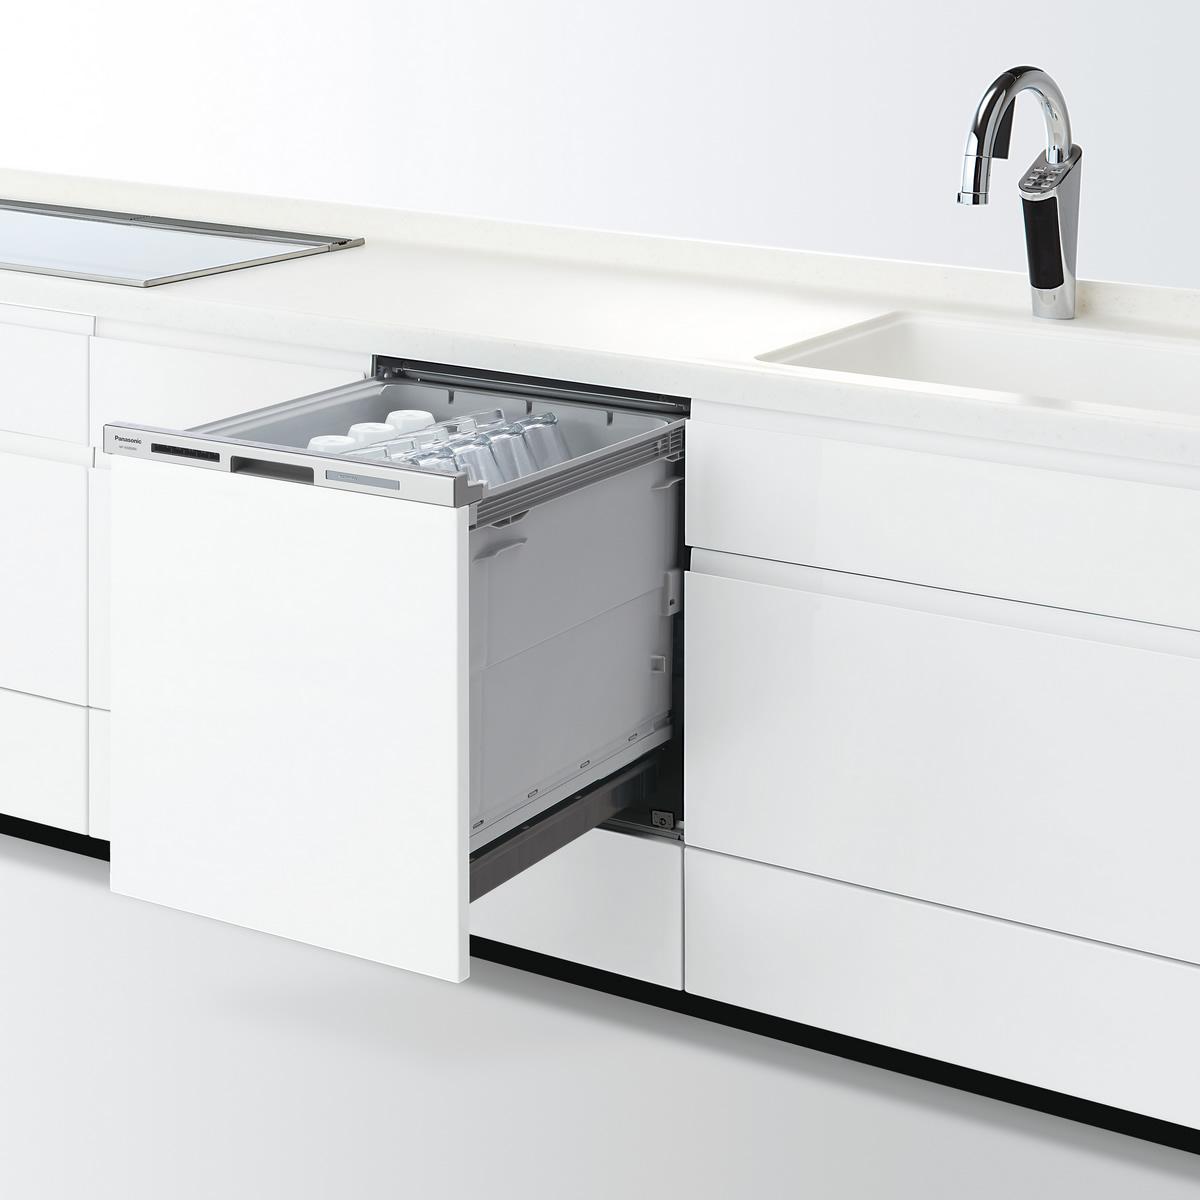 【NP-45MD8W】 パナソニック ビルトイン食器洗い乾燥機(食洗機) M8シリーズ 幅45cm ディープタイプ ドア面材型